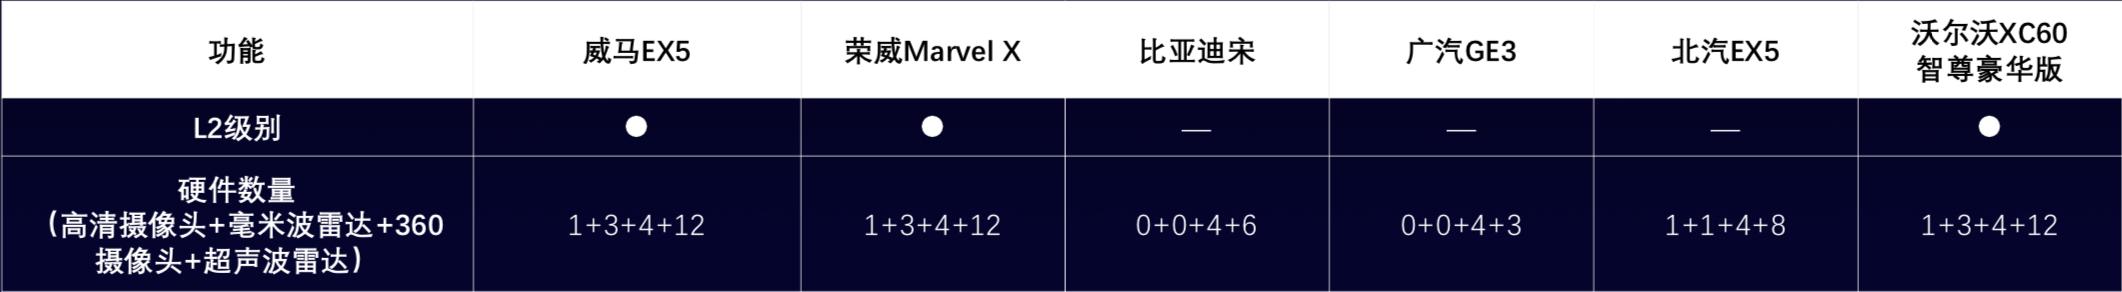 屏幕快照 2019-03-29 18.42.49